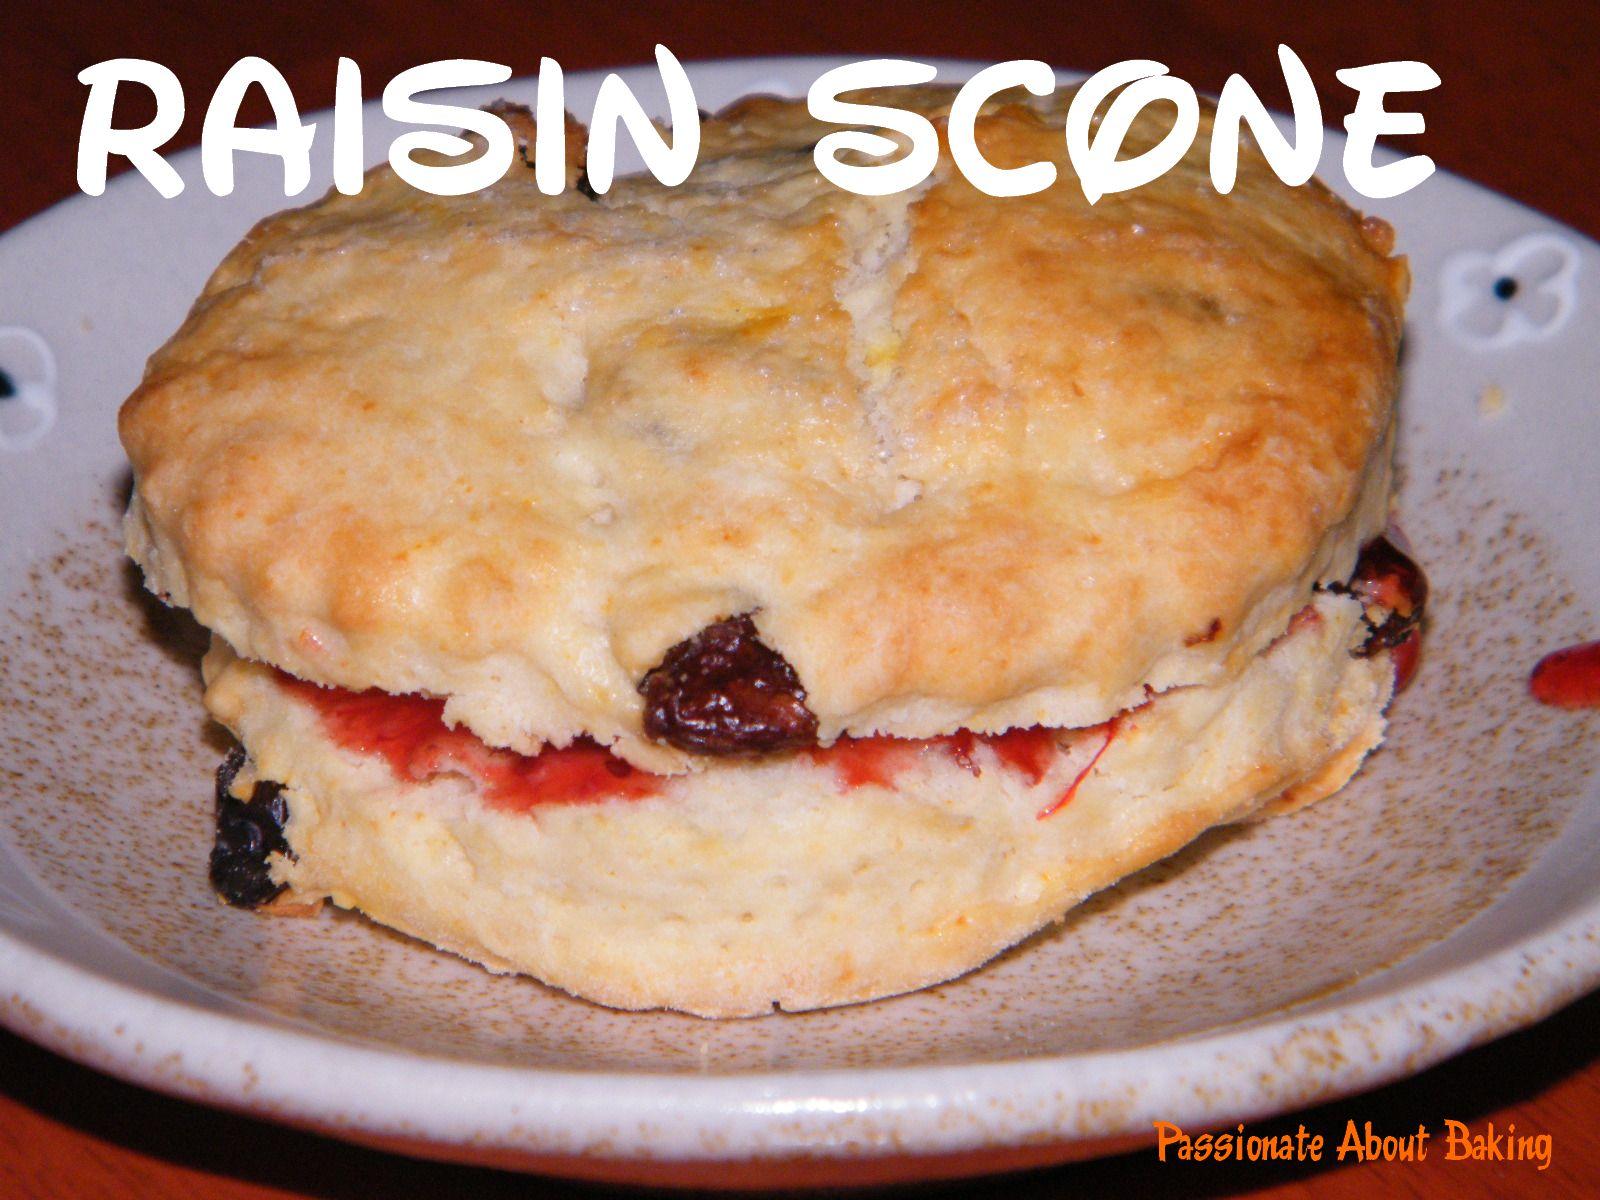 Raisin Scones | Passionate About Baking